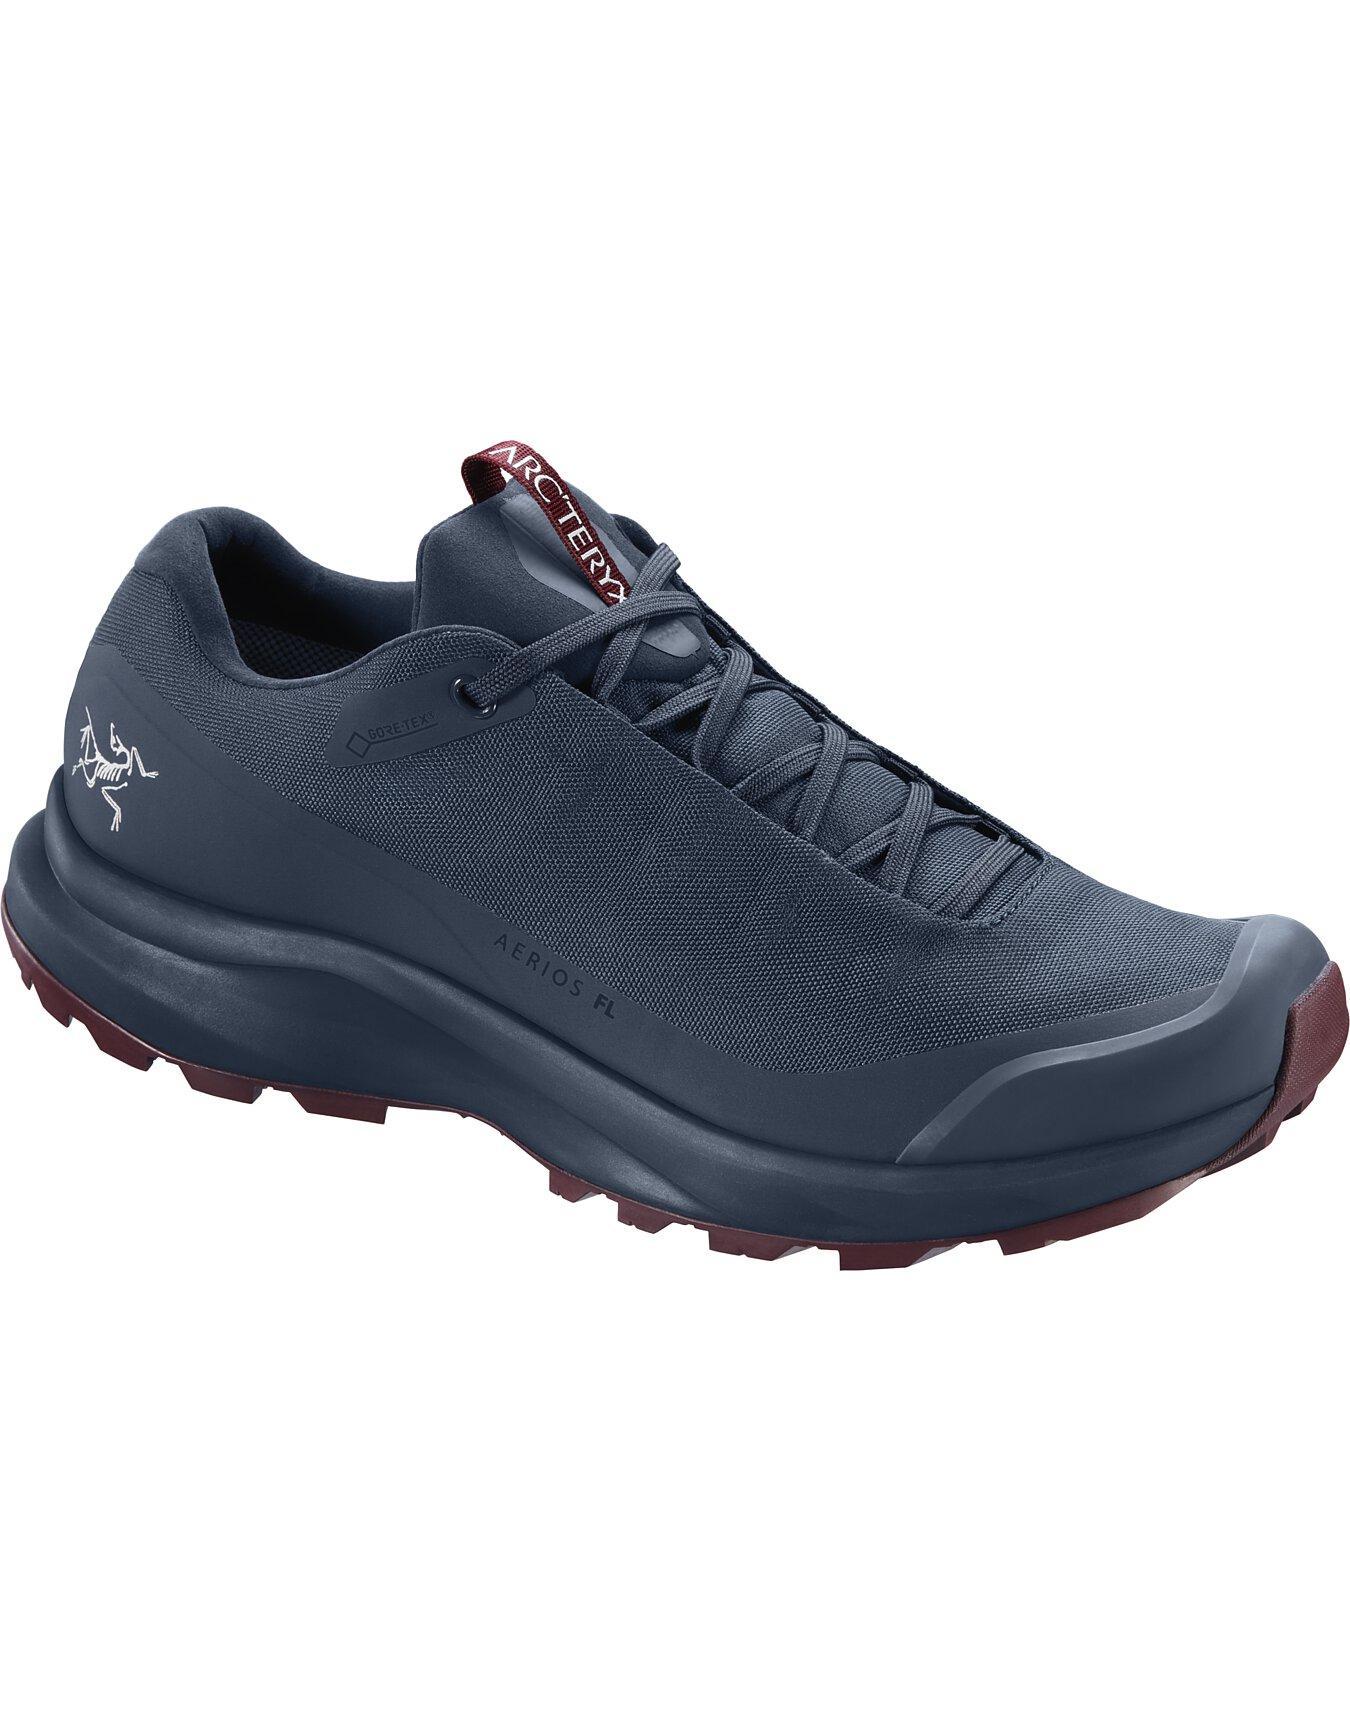 Aerios FL GTX Shoe Women's